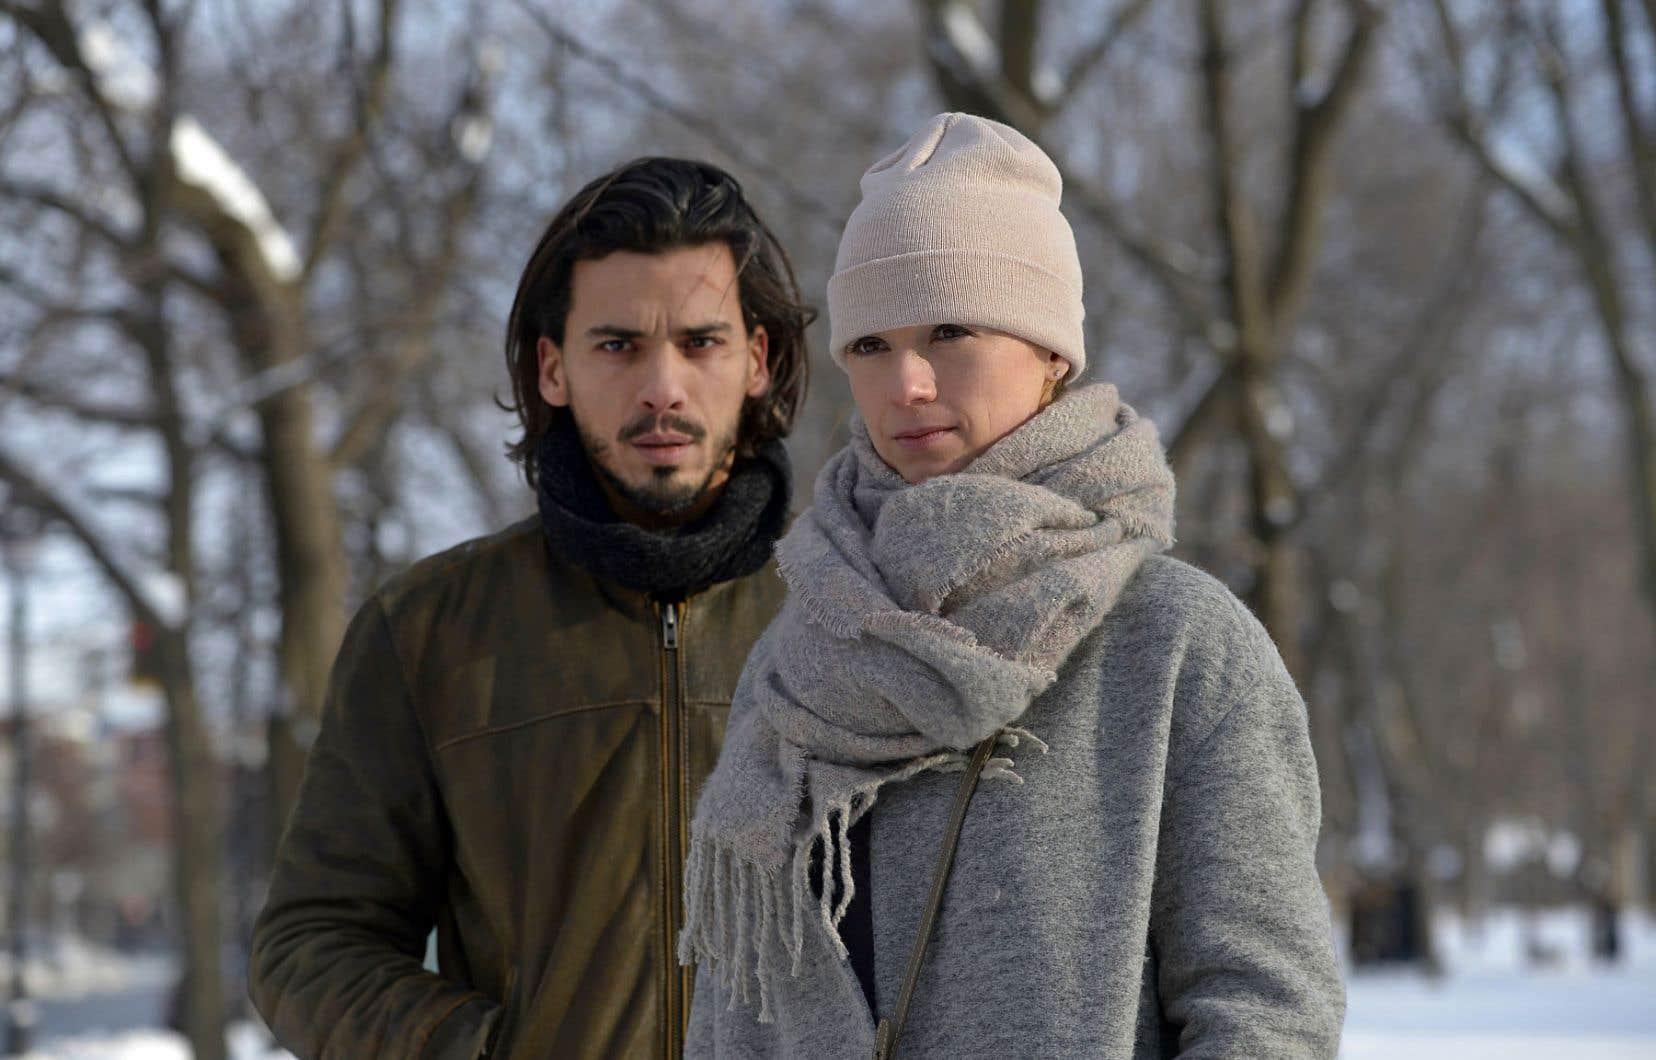 L'acteur français Tewfik Jallab, présent de bout en bout dans le rôle-titre, est complètement crédible. Chargée de composer non pas un, mais deux personnages légèrement différents, Karine Vanasse affiche pour sa part, d'un côté, une retenue intrigante et, de l'autre, une suggestivité fascinante.